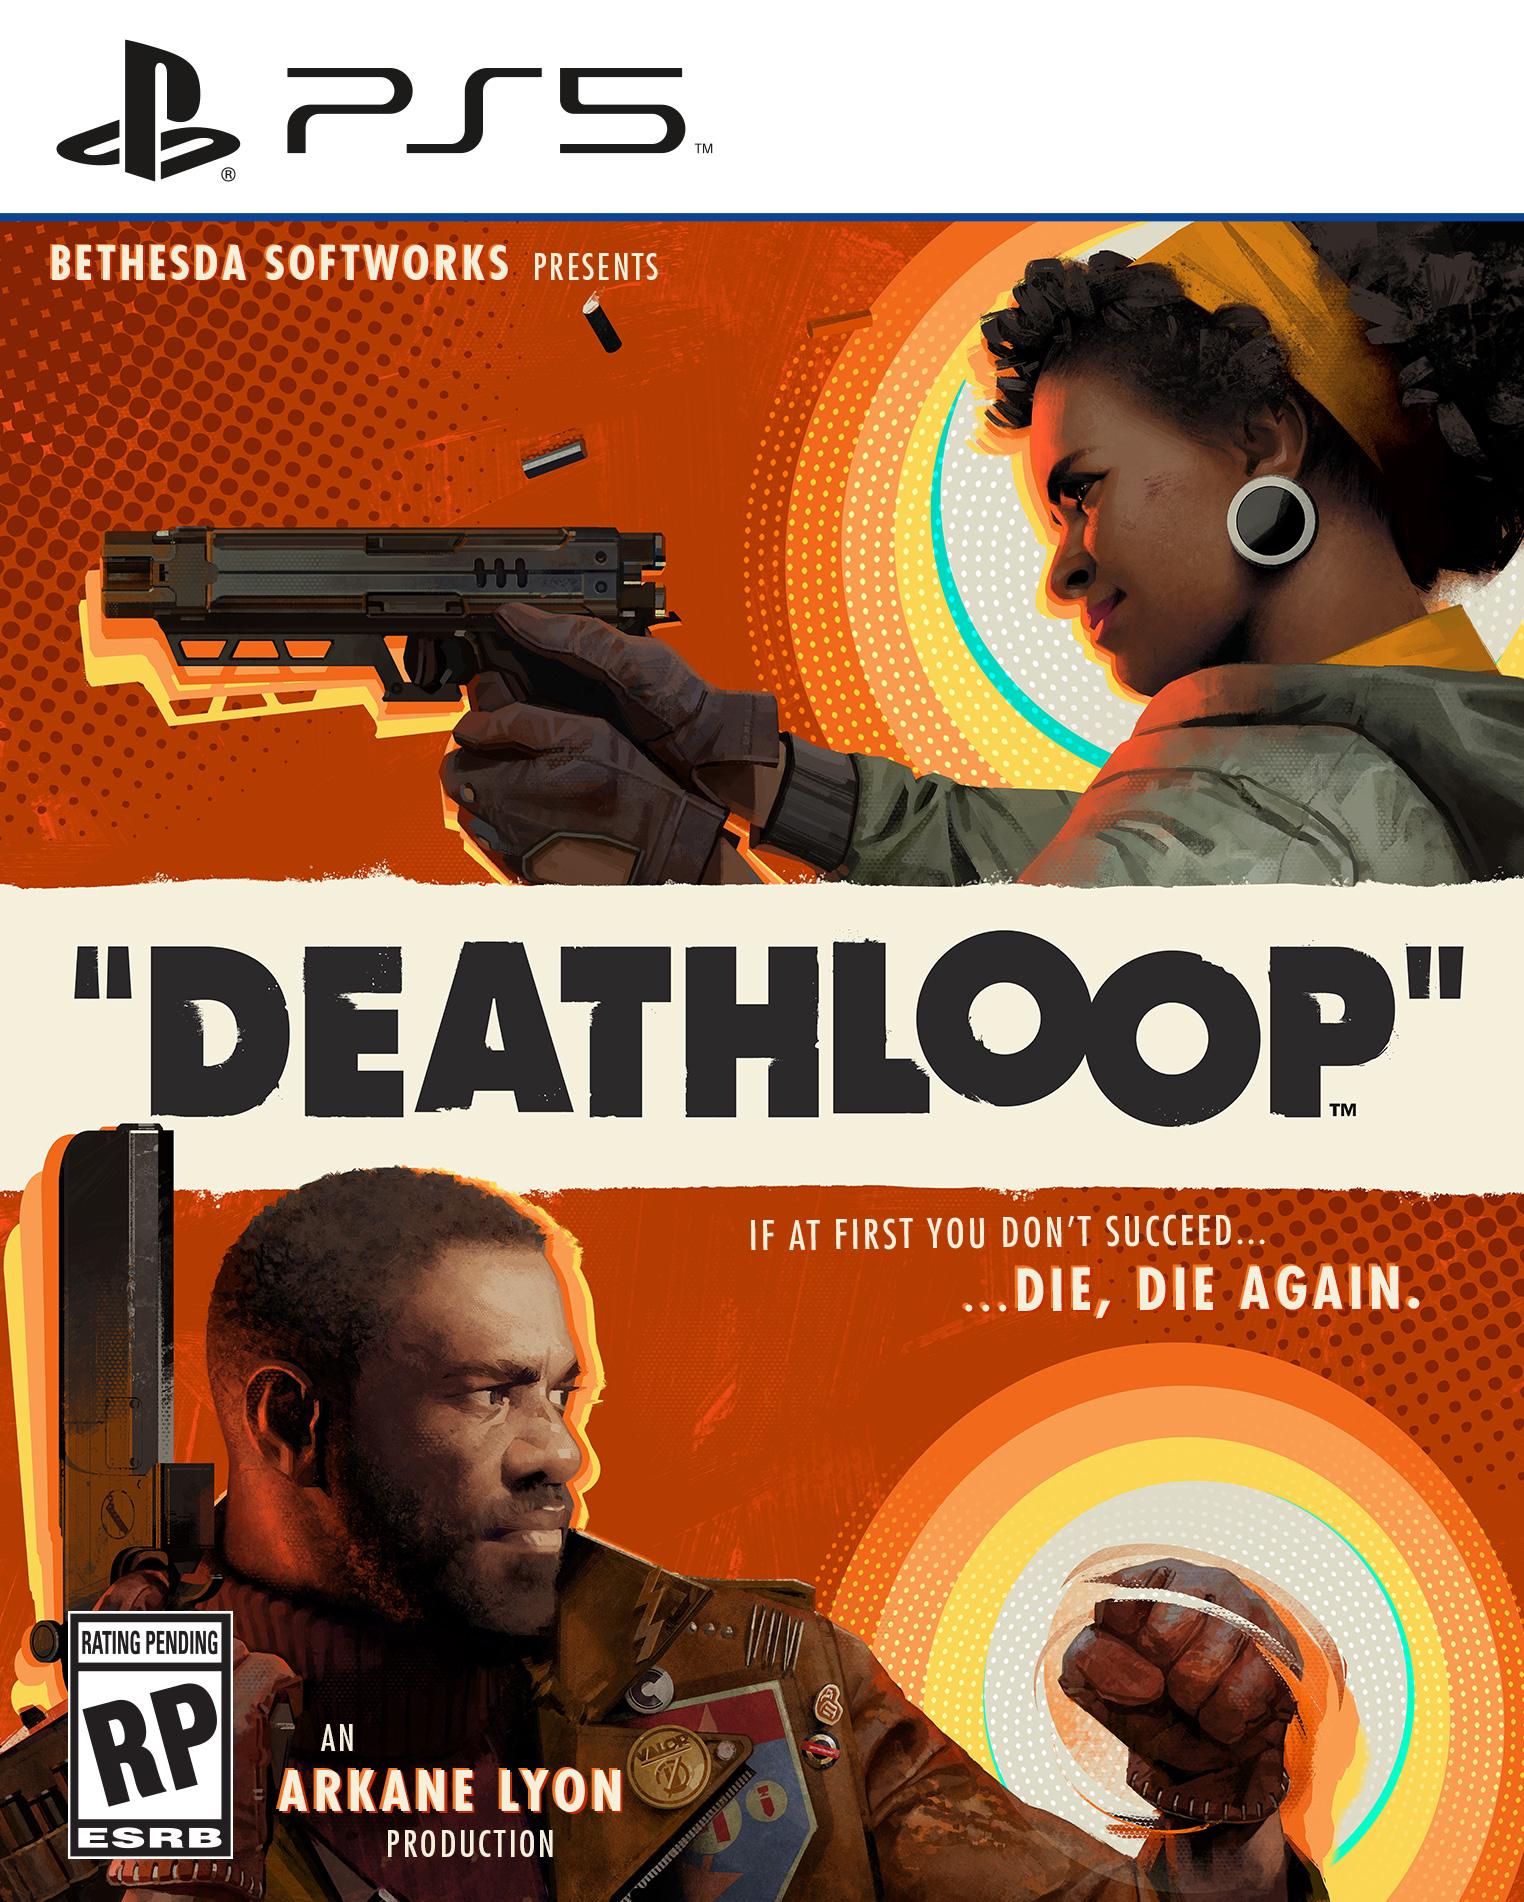 Deathloop_2020_11-12-20_001